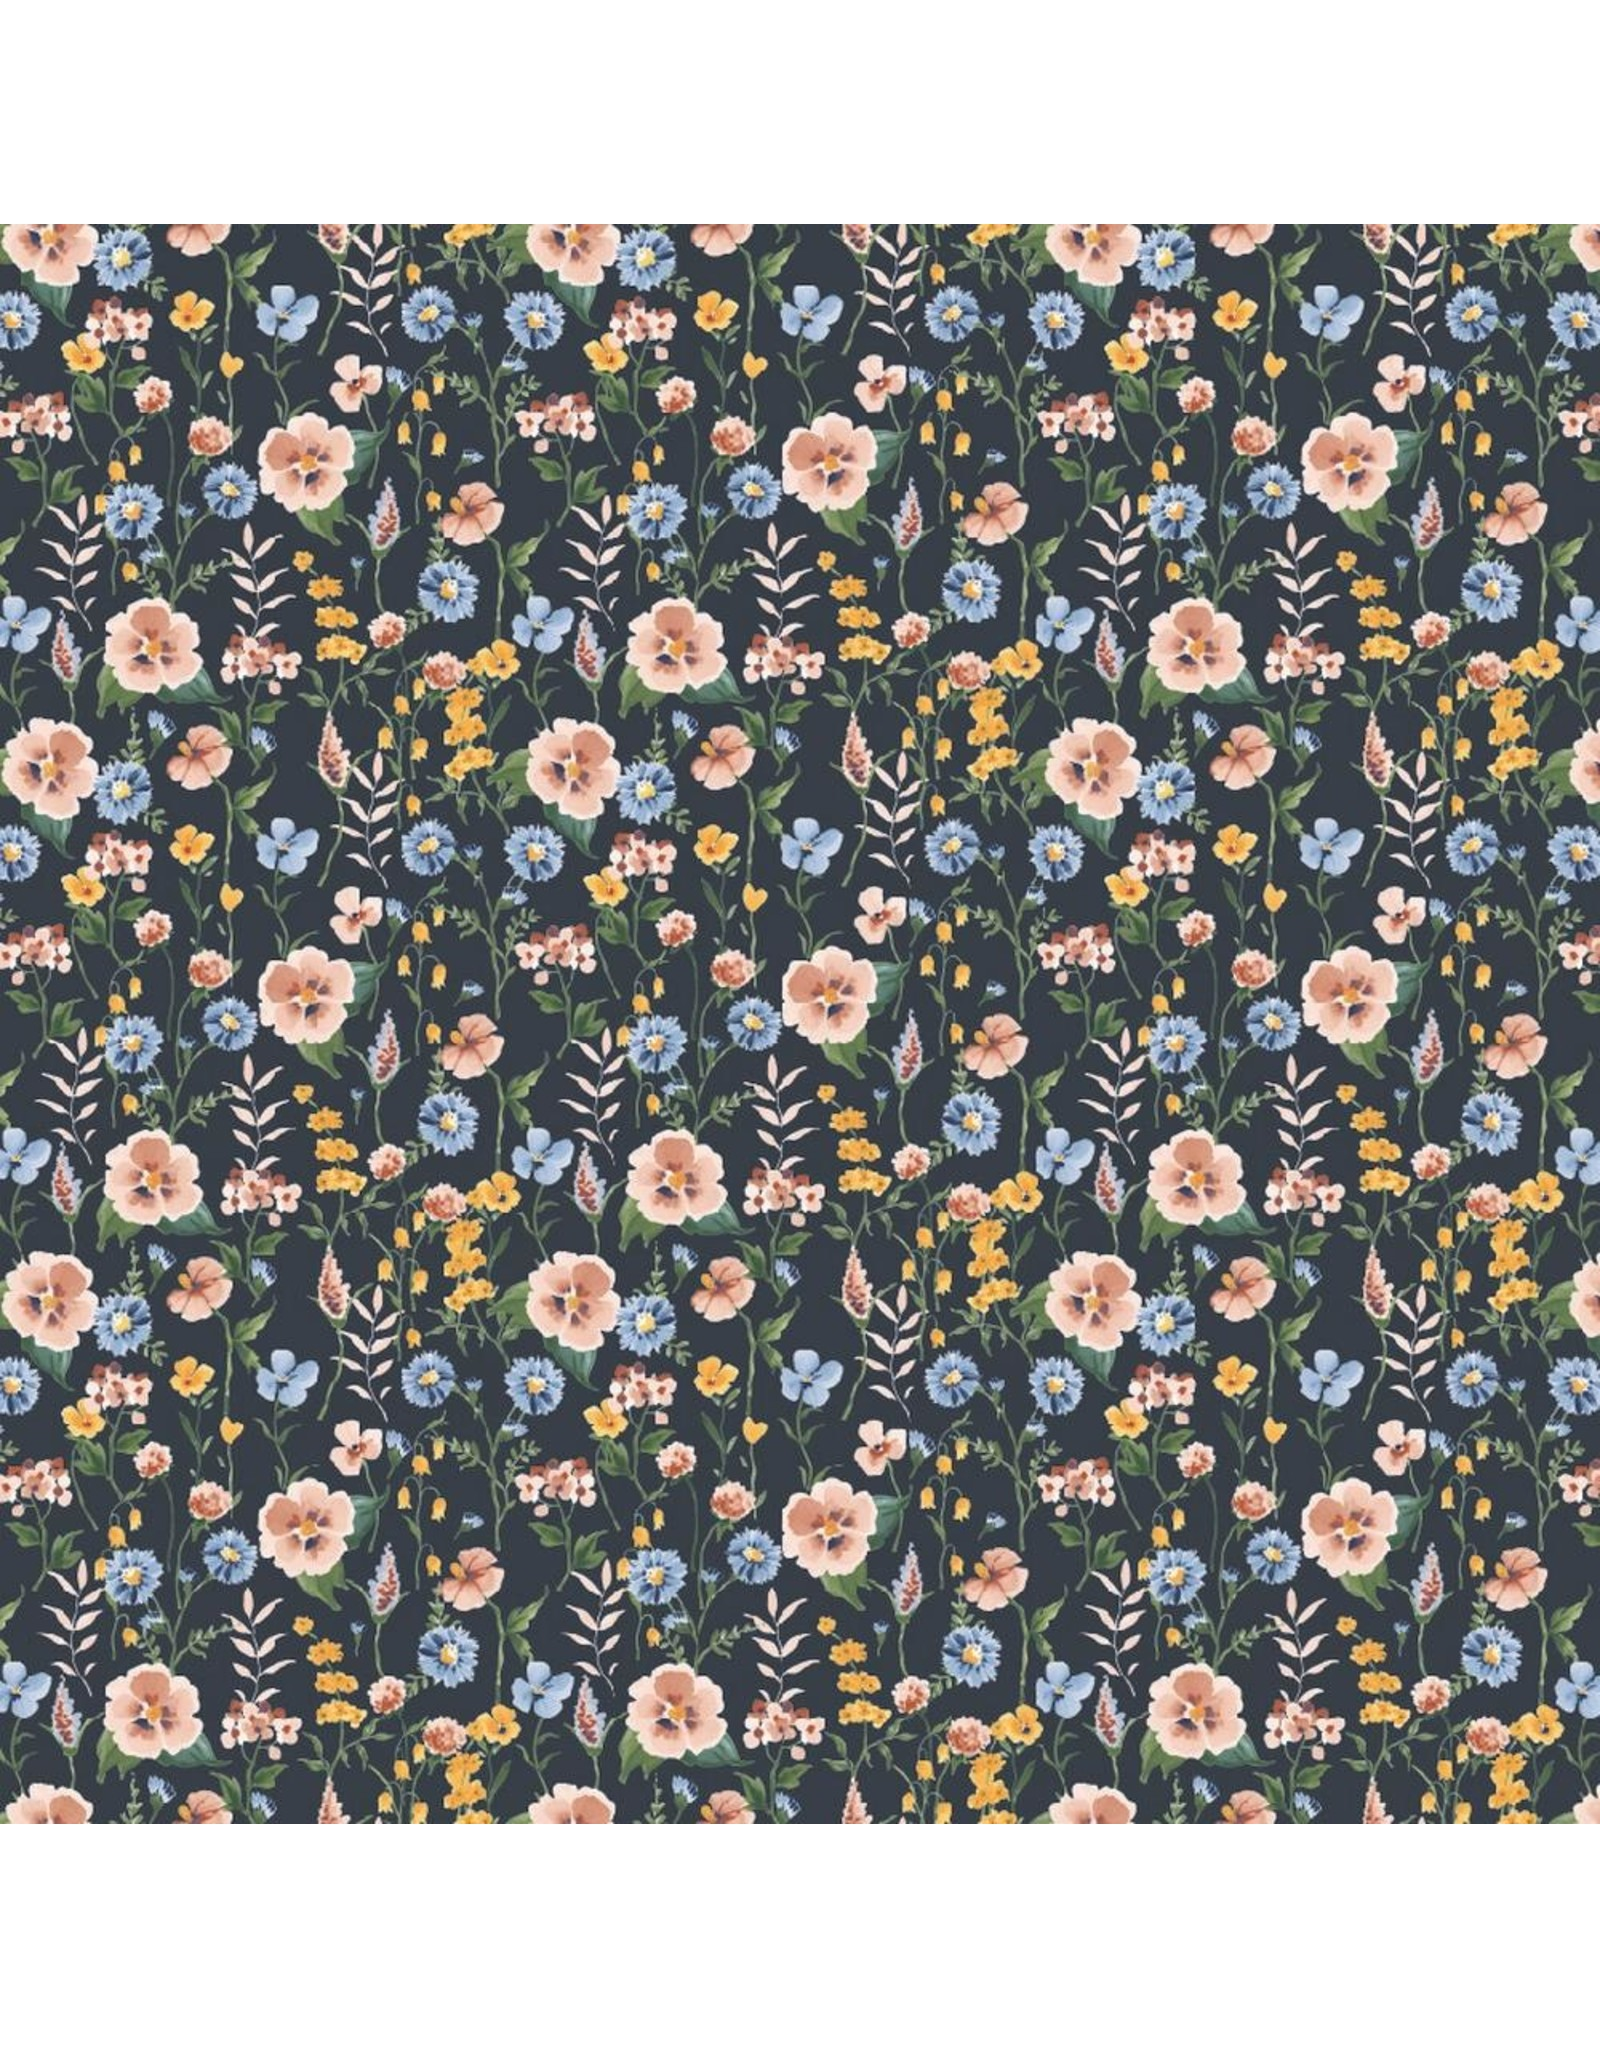 Poppy Poppy Jersey Flower Field